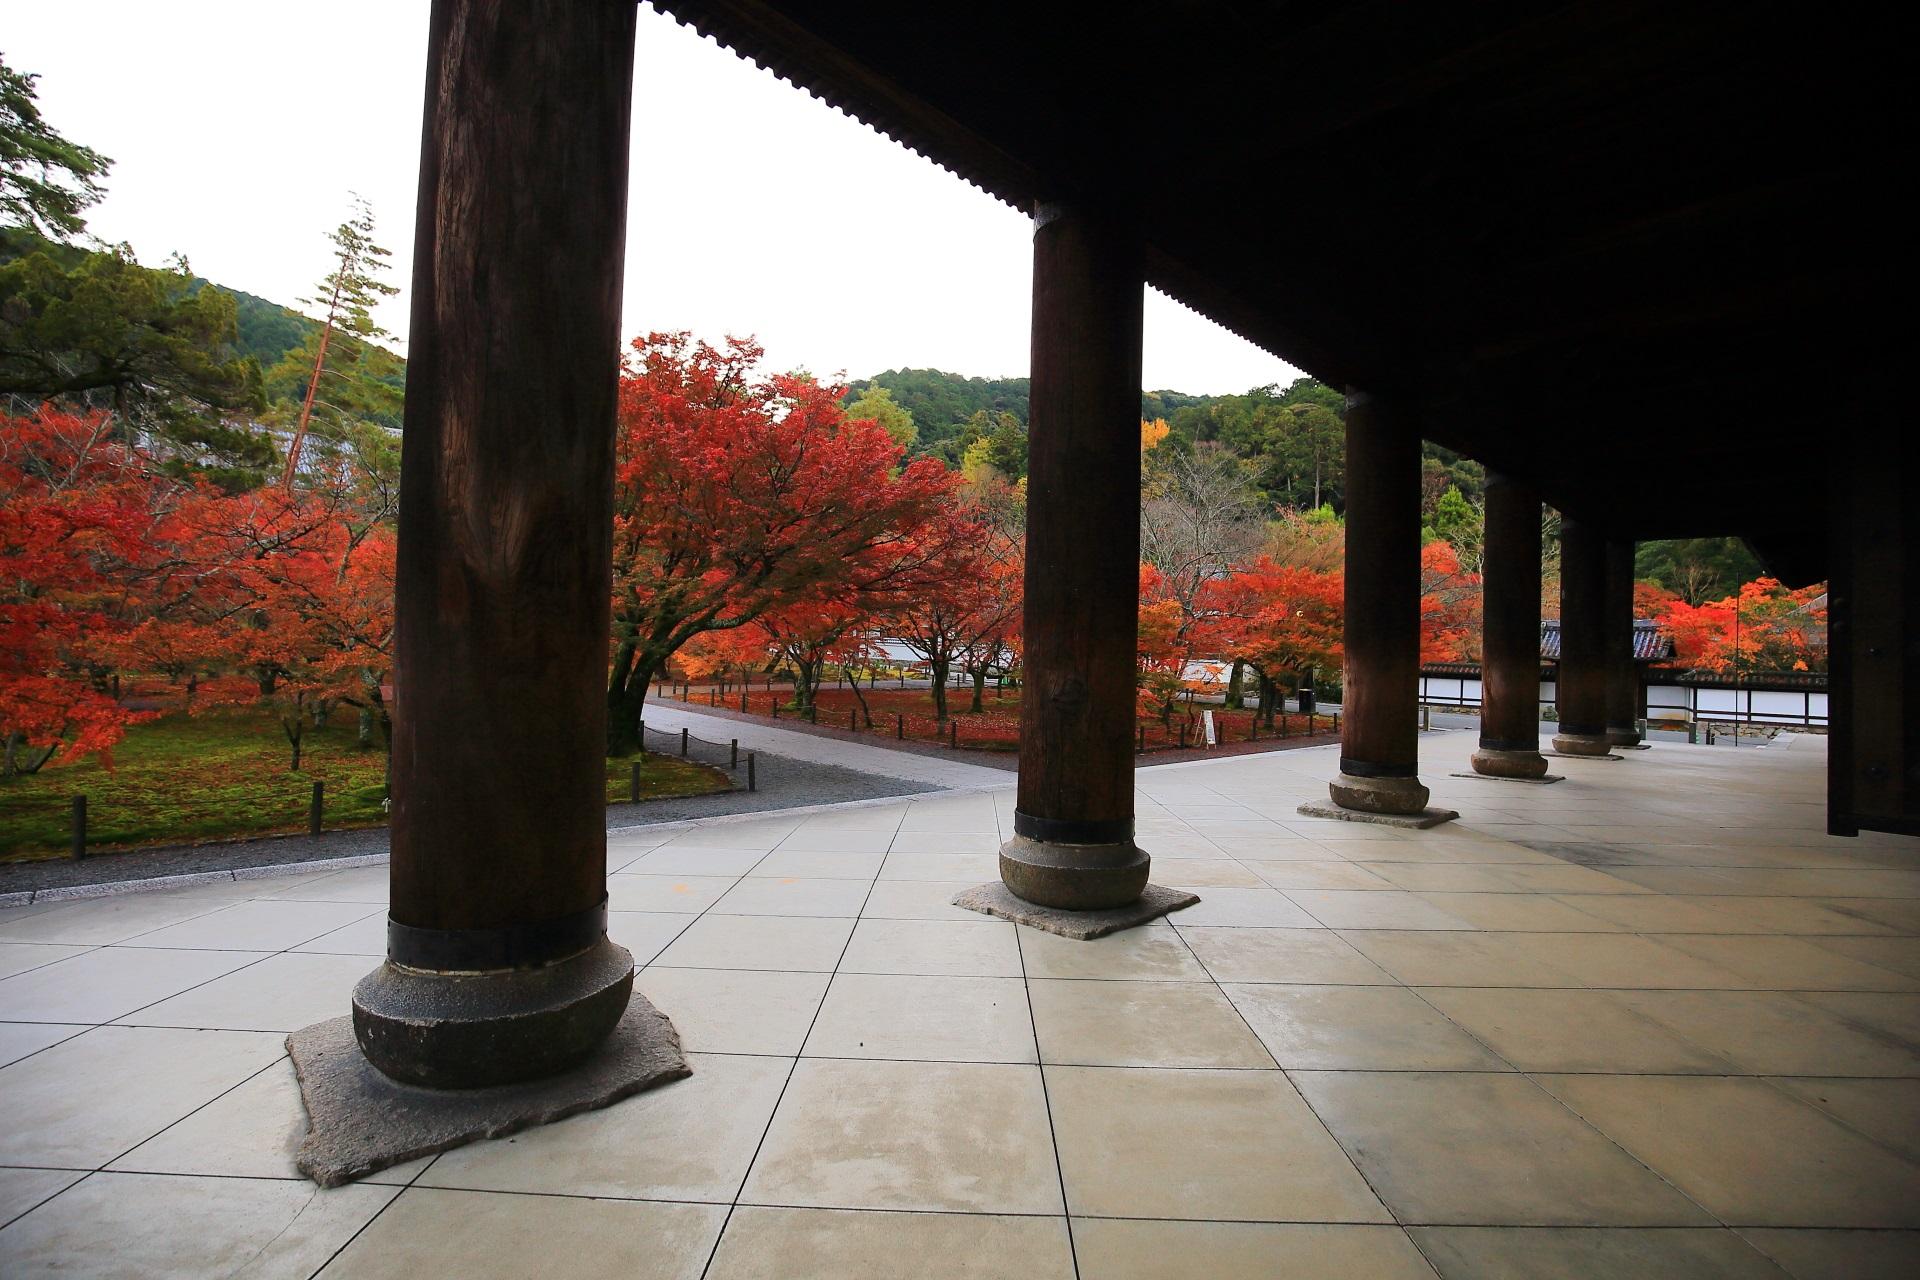 三門の柱越しに眺める色とりどりの紅葉